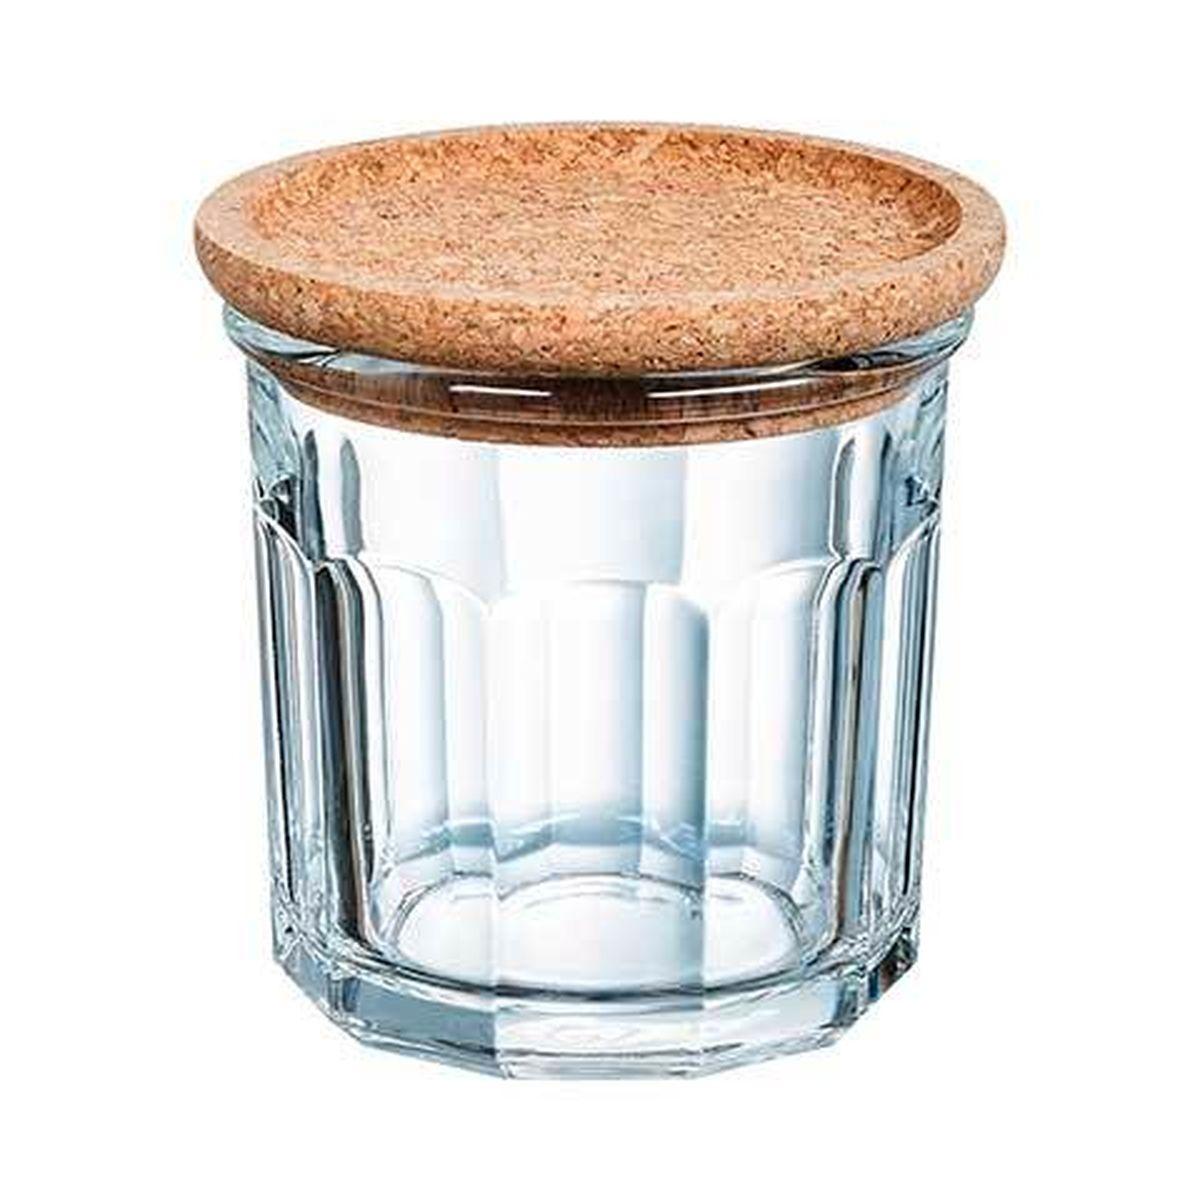 Pot à épices en verre avec couvercle liège 42cl - Luminarc